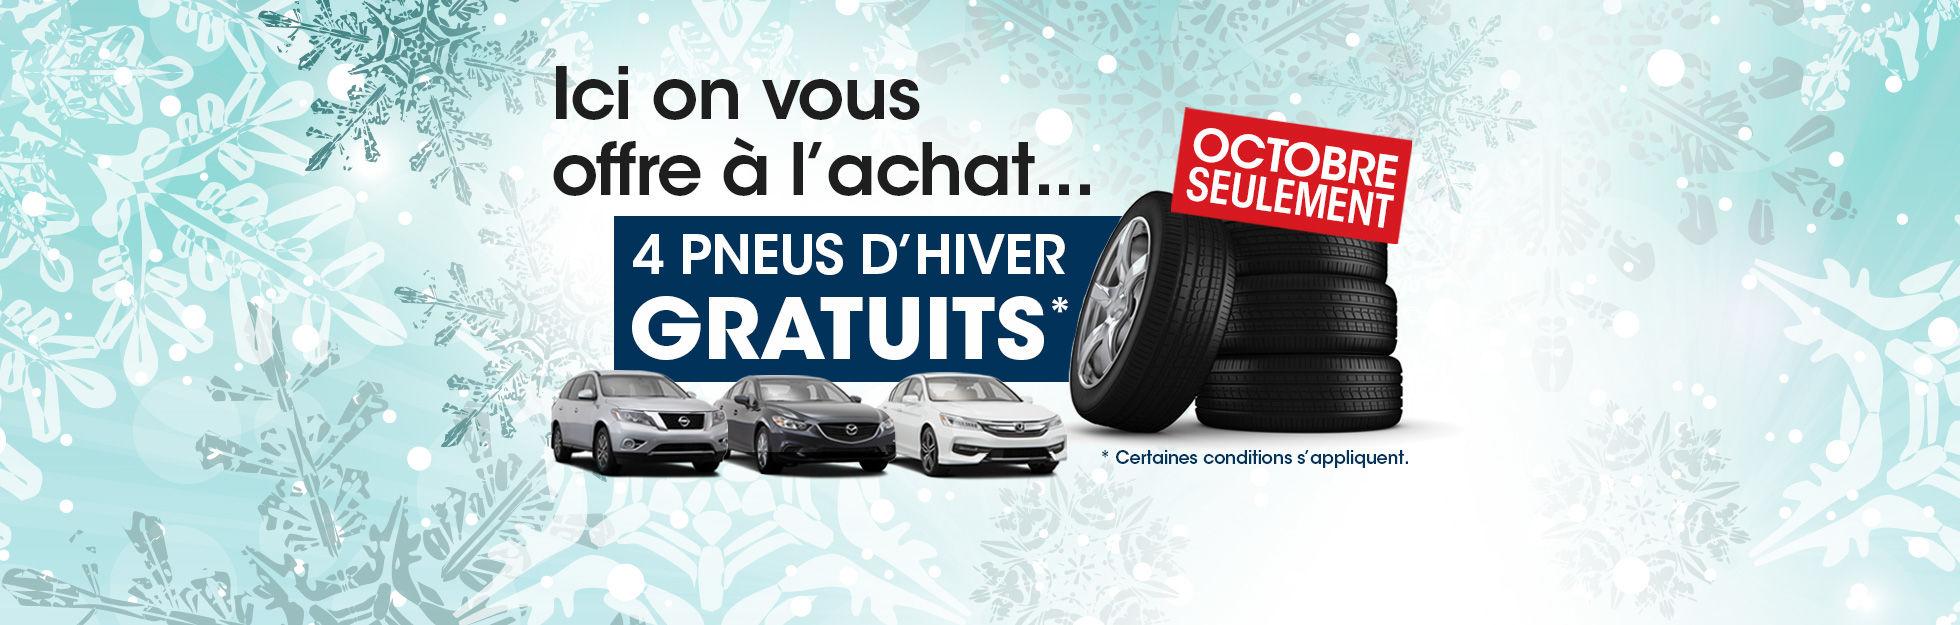 4 pneus d'hiver gratuits!